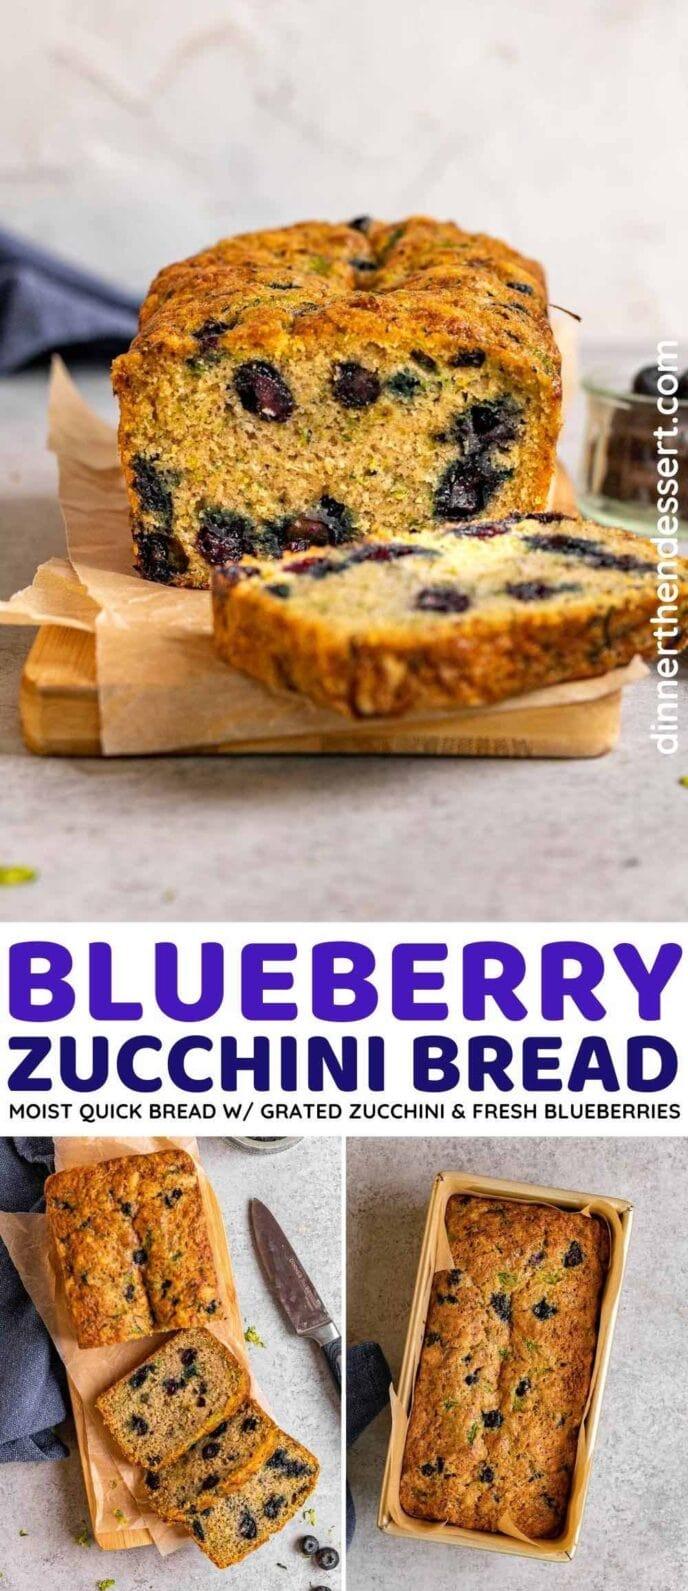 Blueberry Zucchini Bread collage